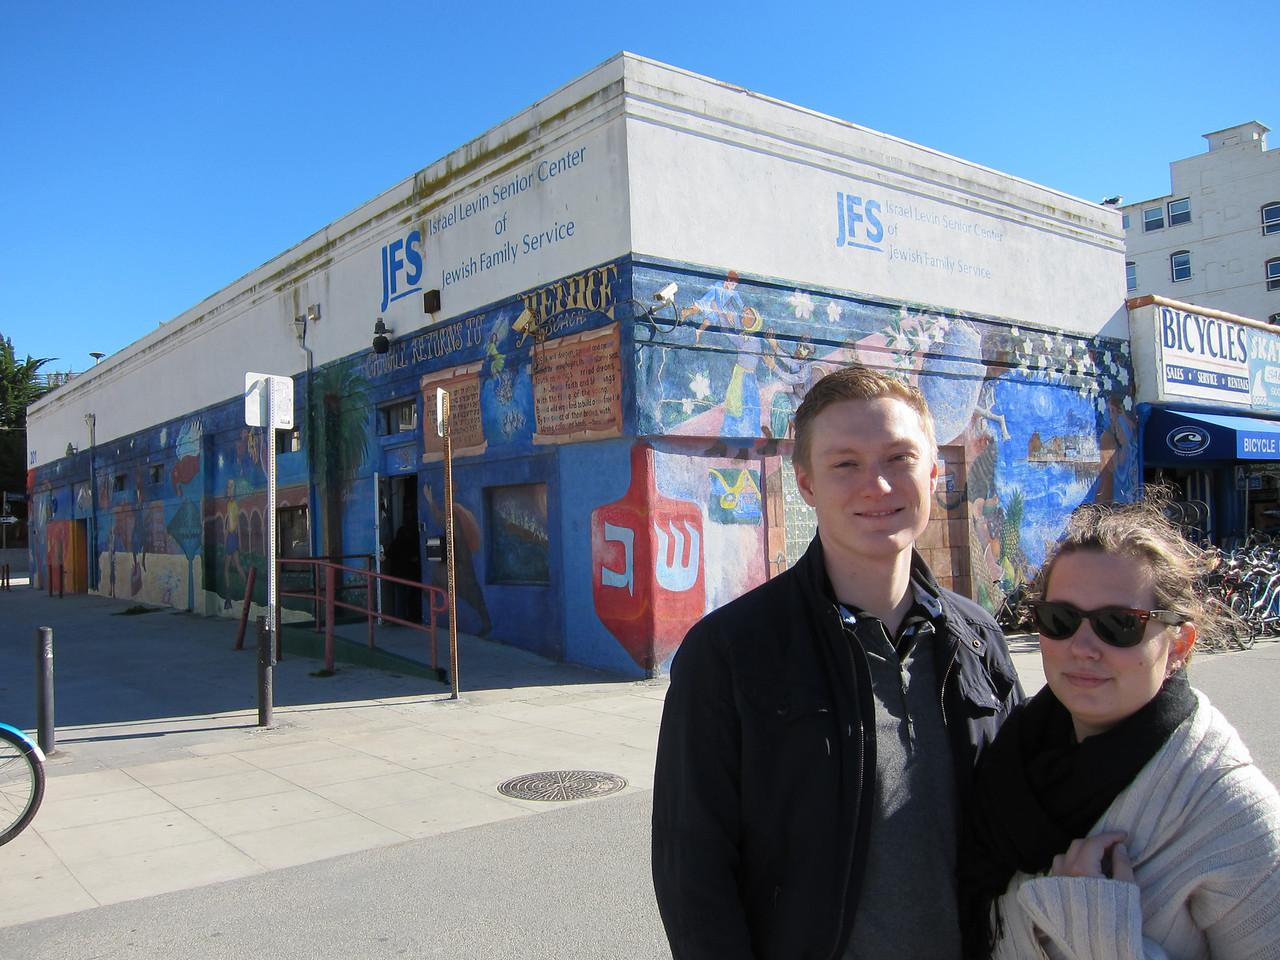 Nu närmar vi oss Venice Beach. Och alla lösdrivande hippies som inte har något bättre för sig än att röka lite hasch och klottra på väggarna.